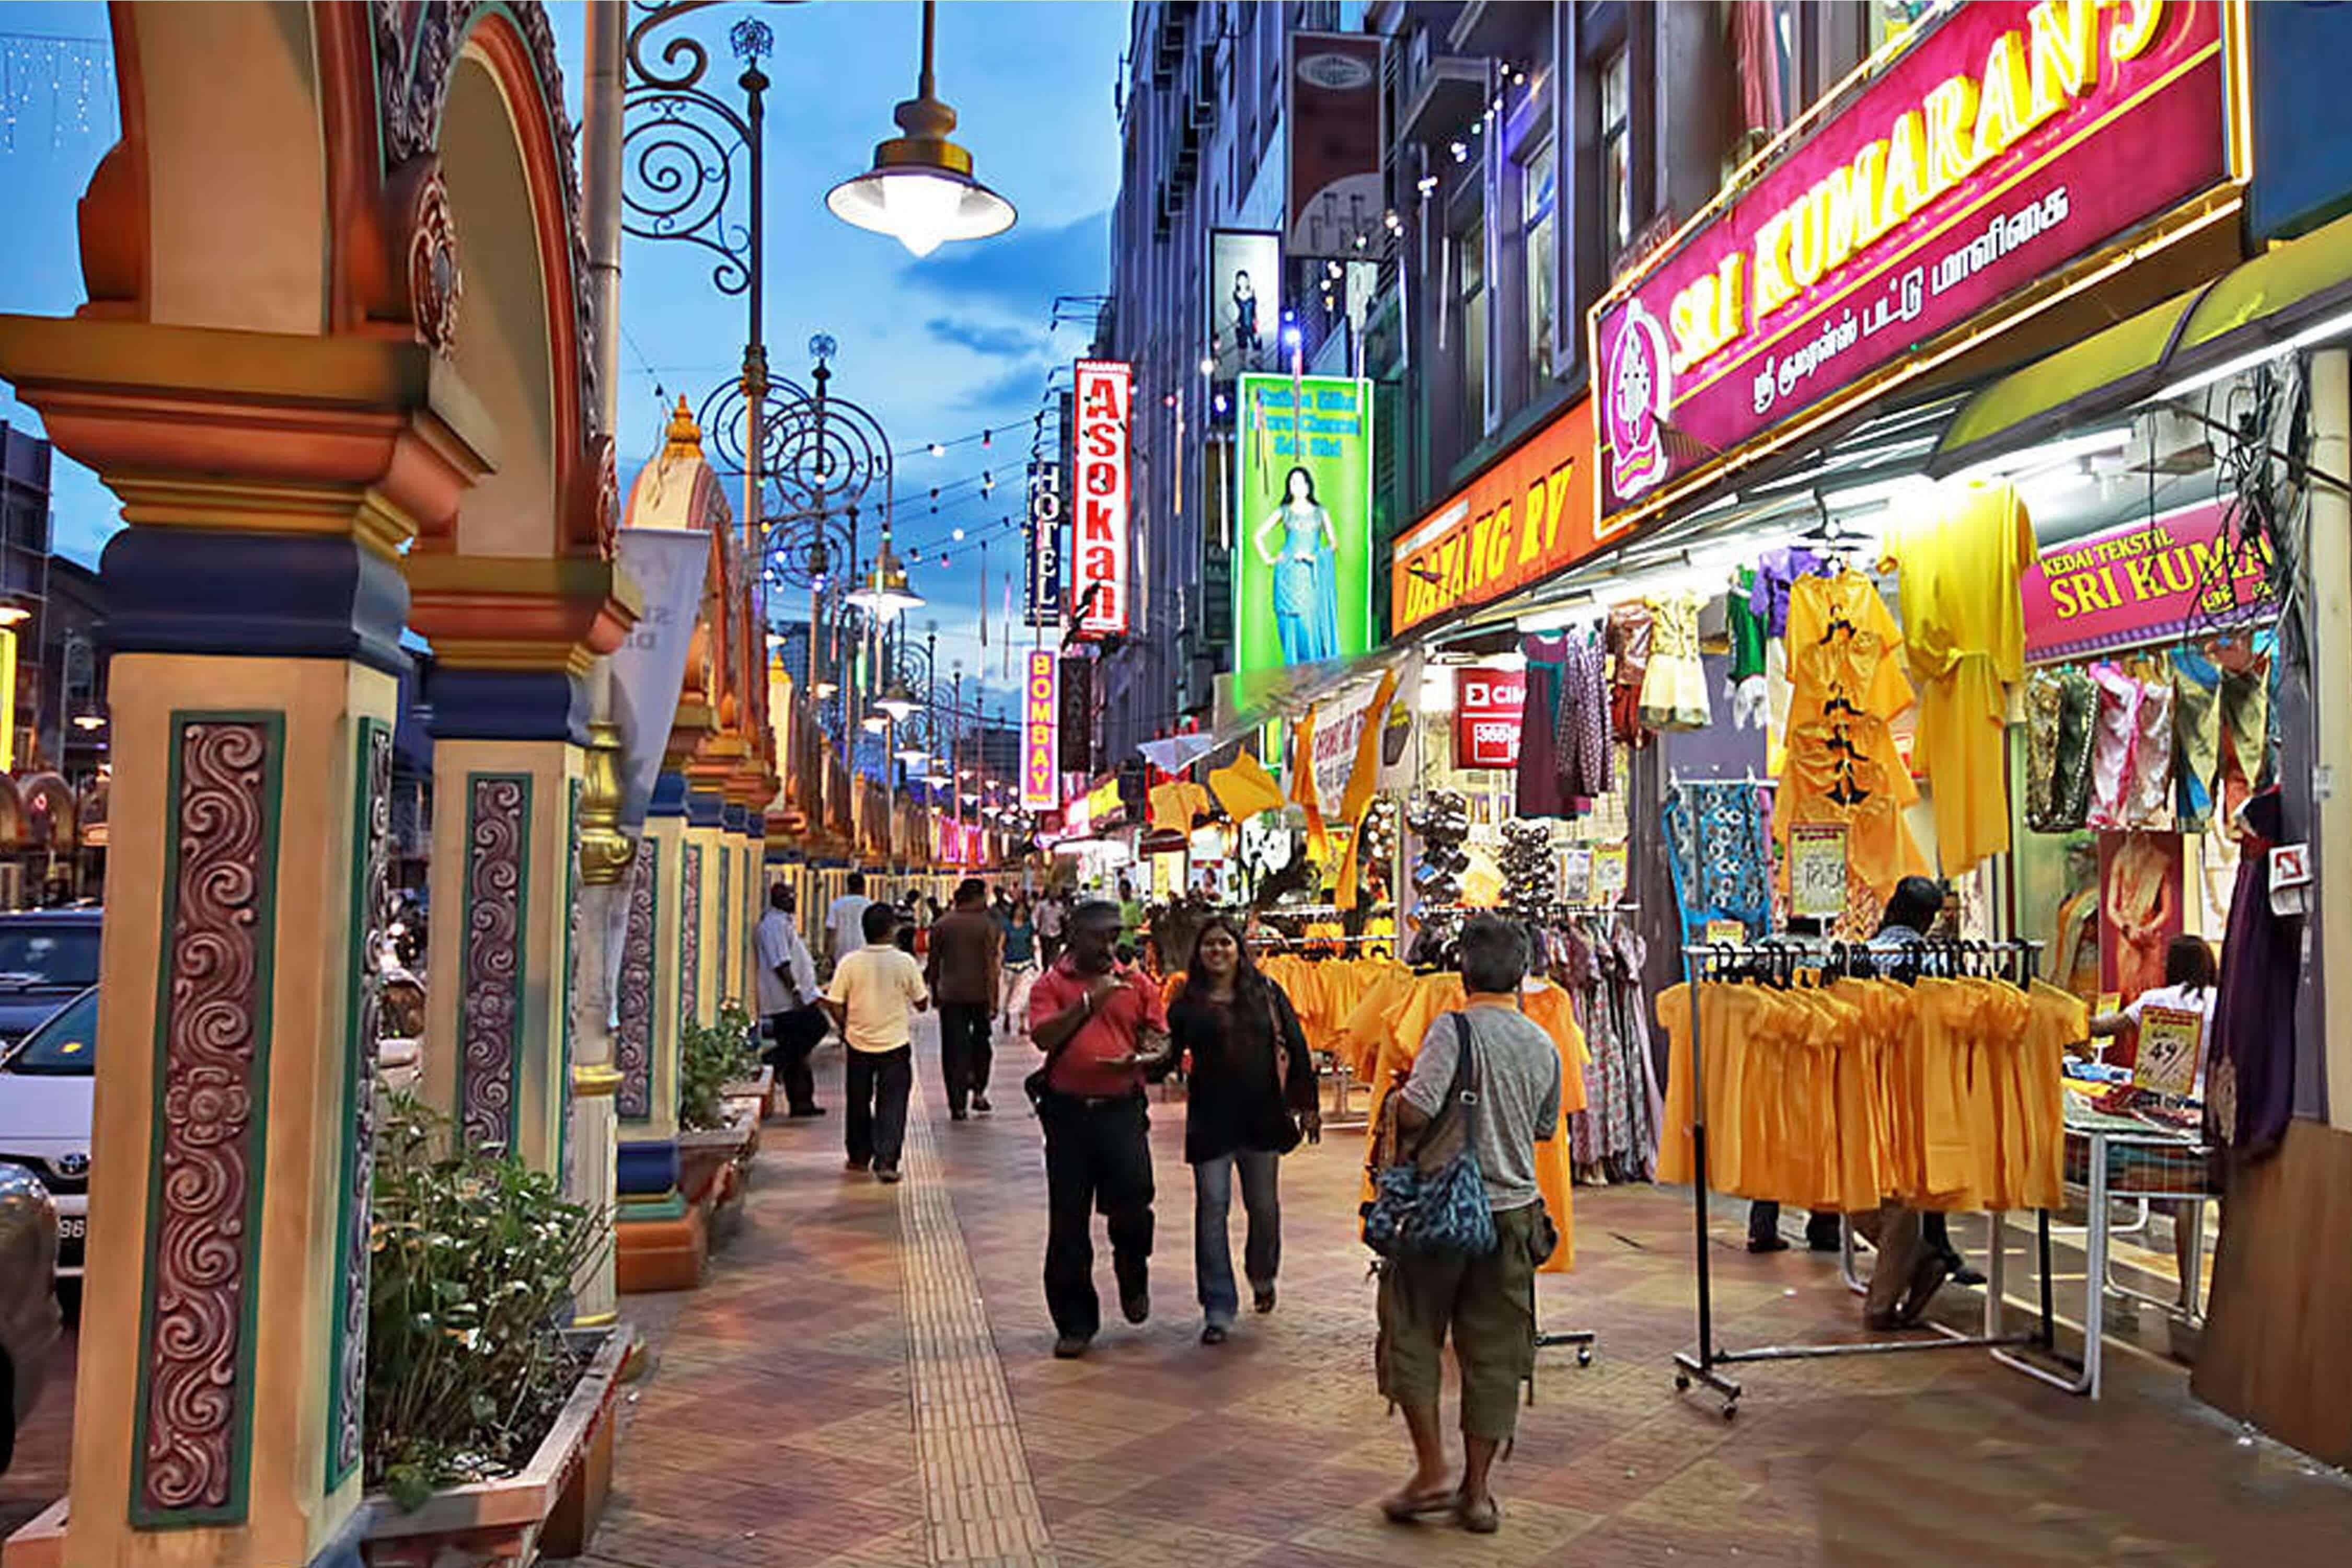 افضل 4 من اماكن التسوق في نيودلهي الهند